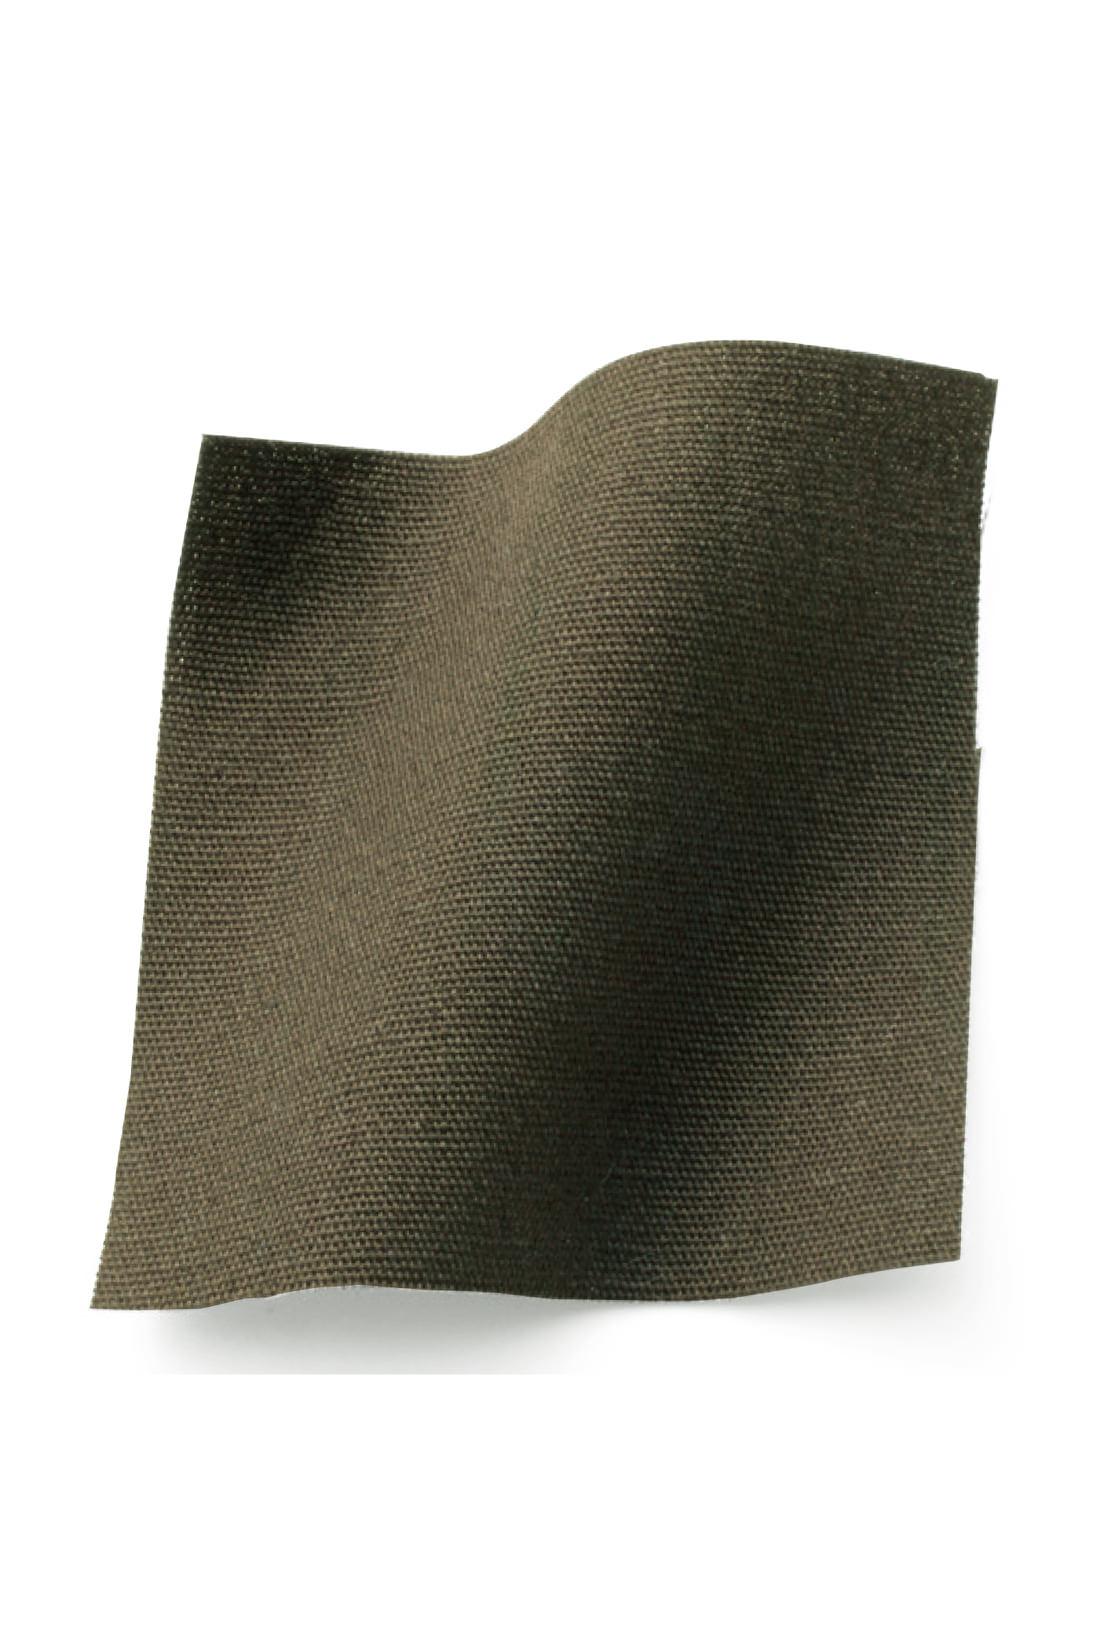 綿100%のきれいめ素材。ハリ感と通気性があり、快適。